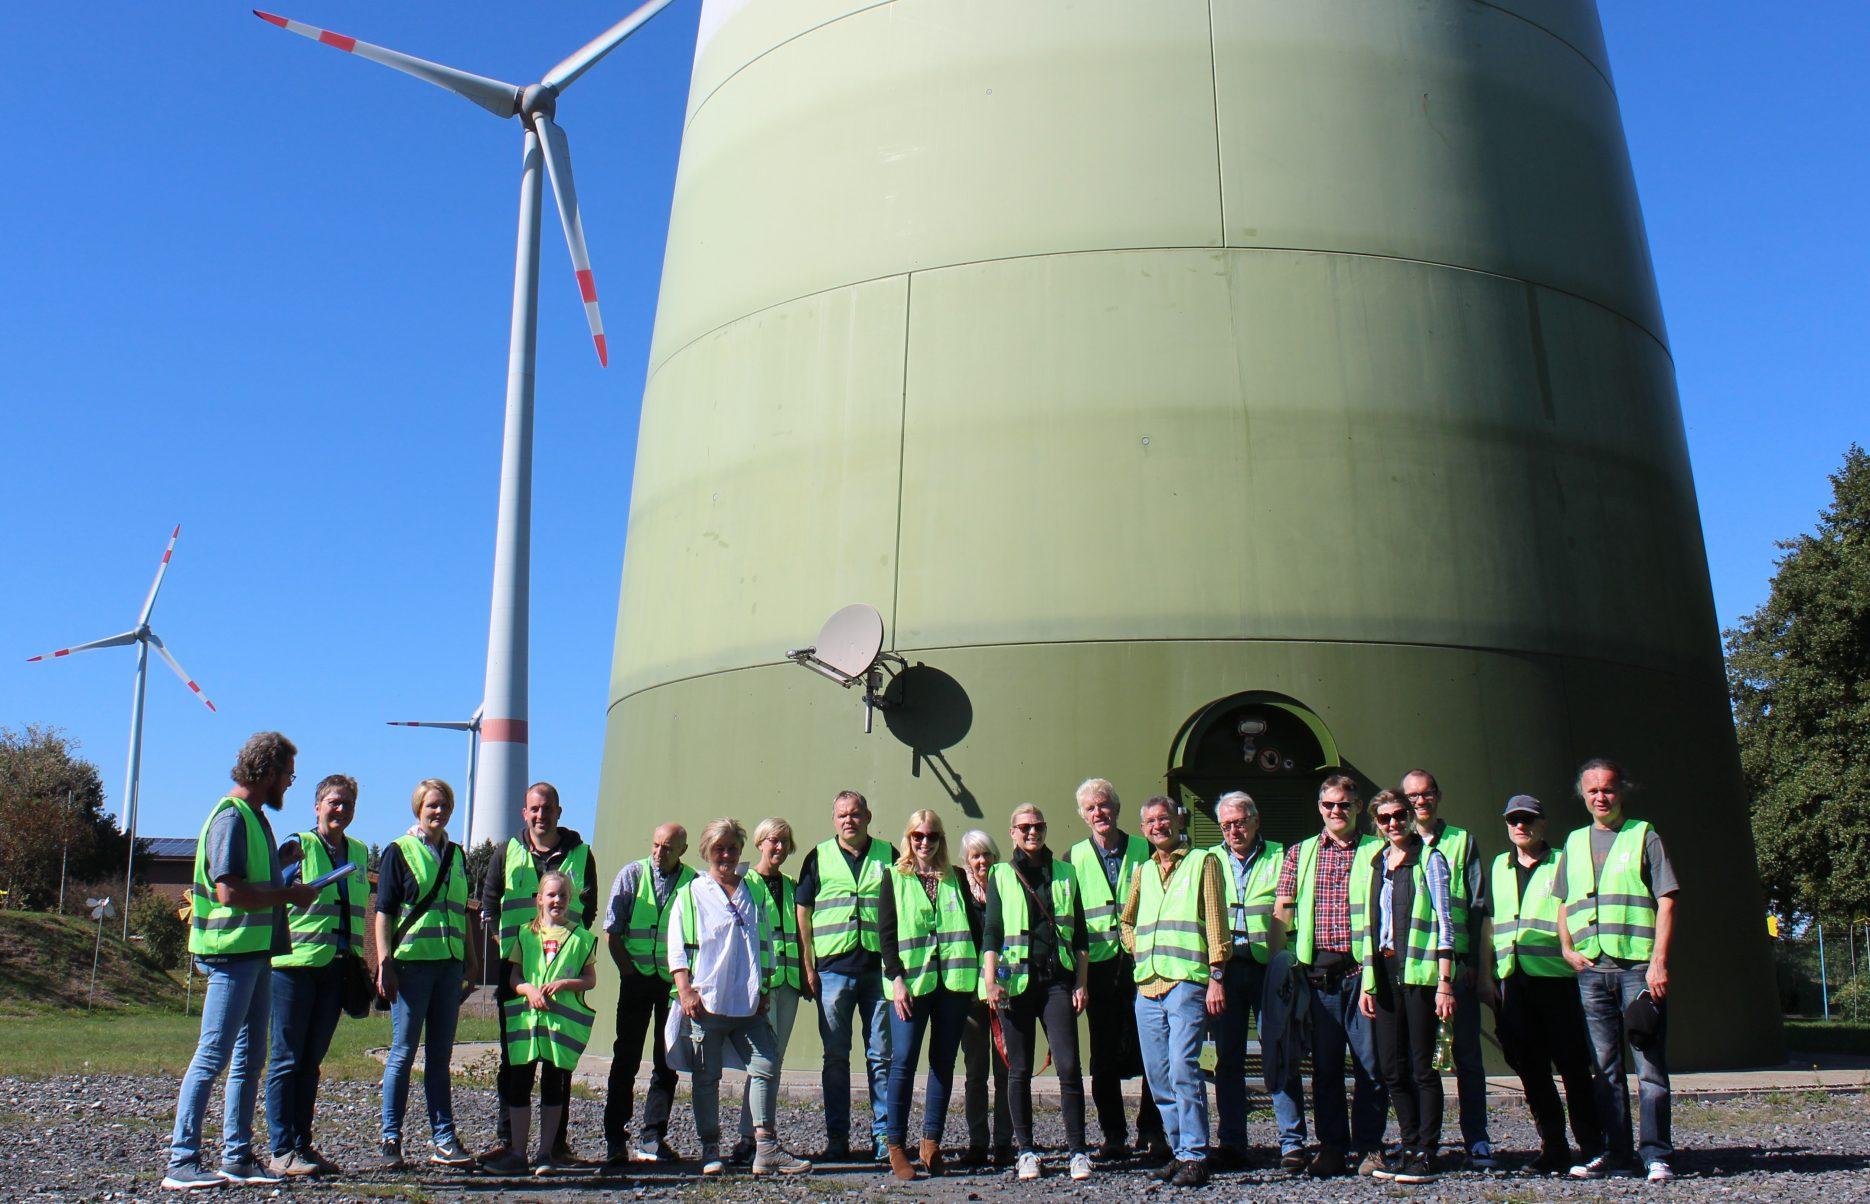 Das Bild zeigt eine Gruppe von Personen in Warnwesten, Teilnehmende des Projektes Klimaschutzbürger 2.0, die am Fuße eines Windrades stehen